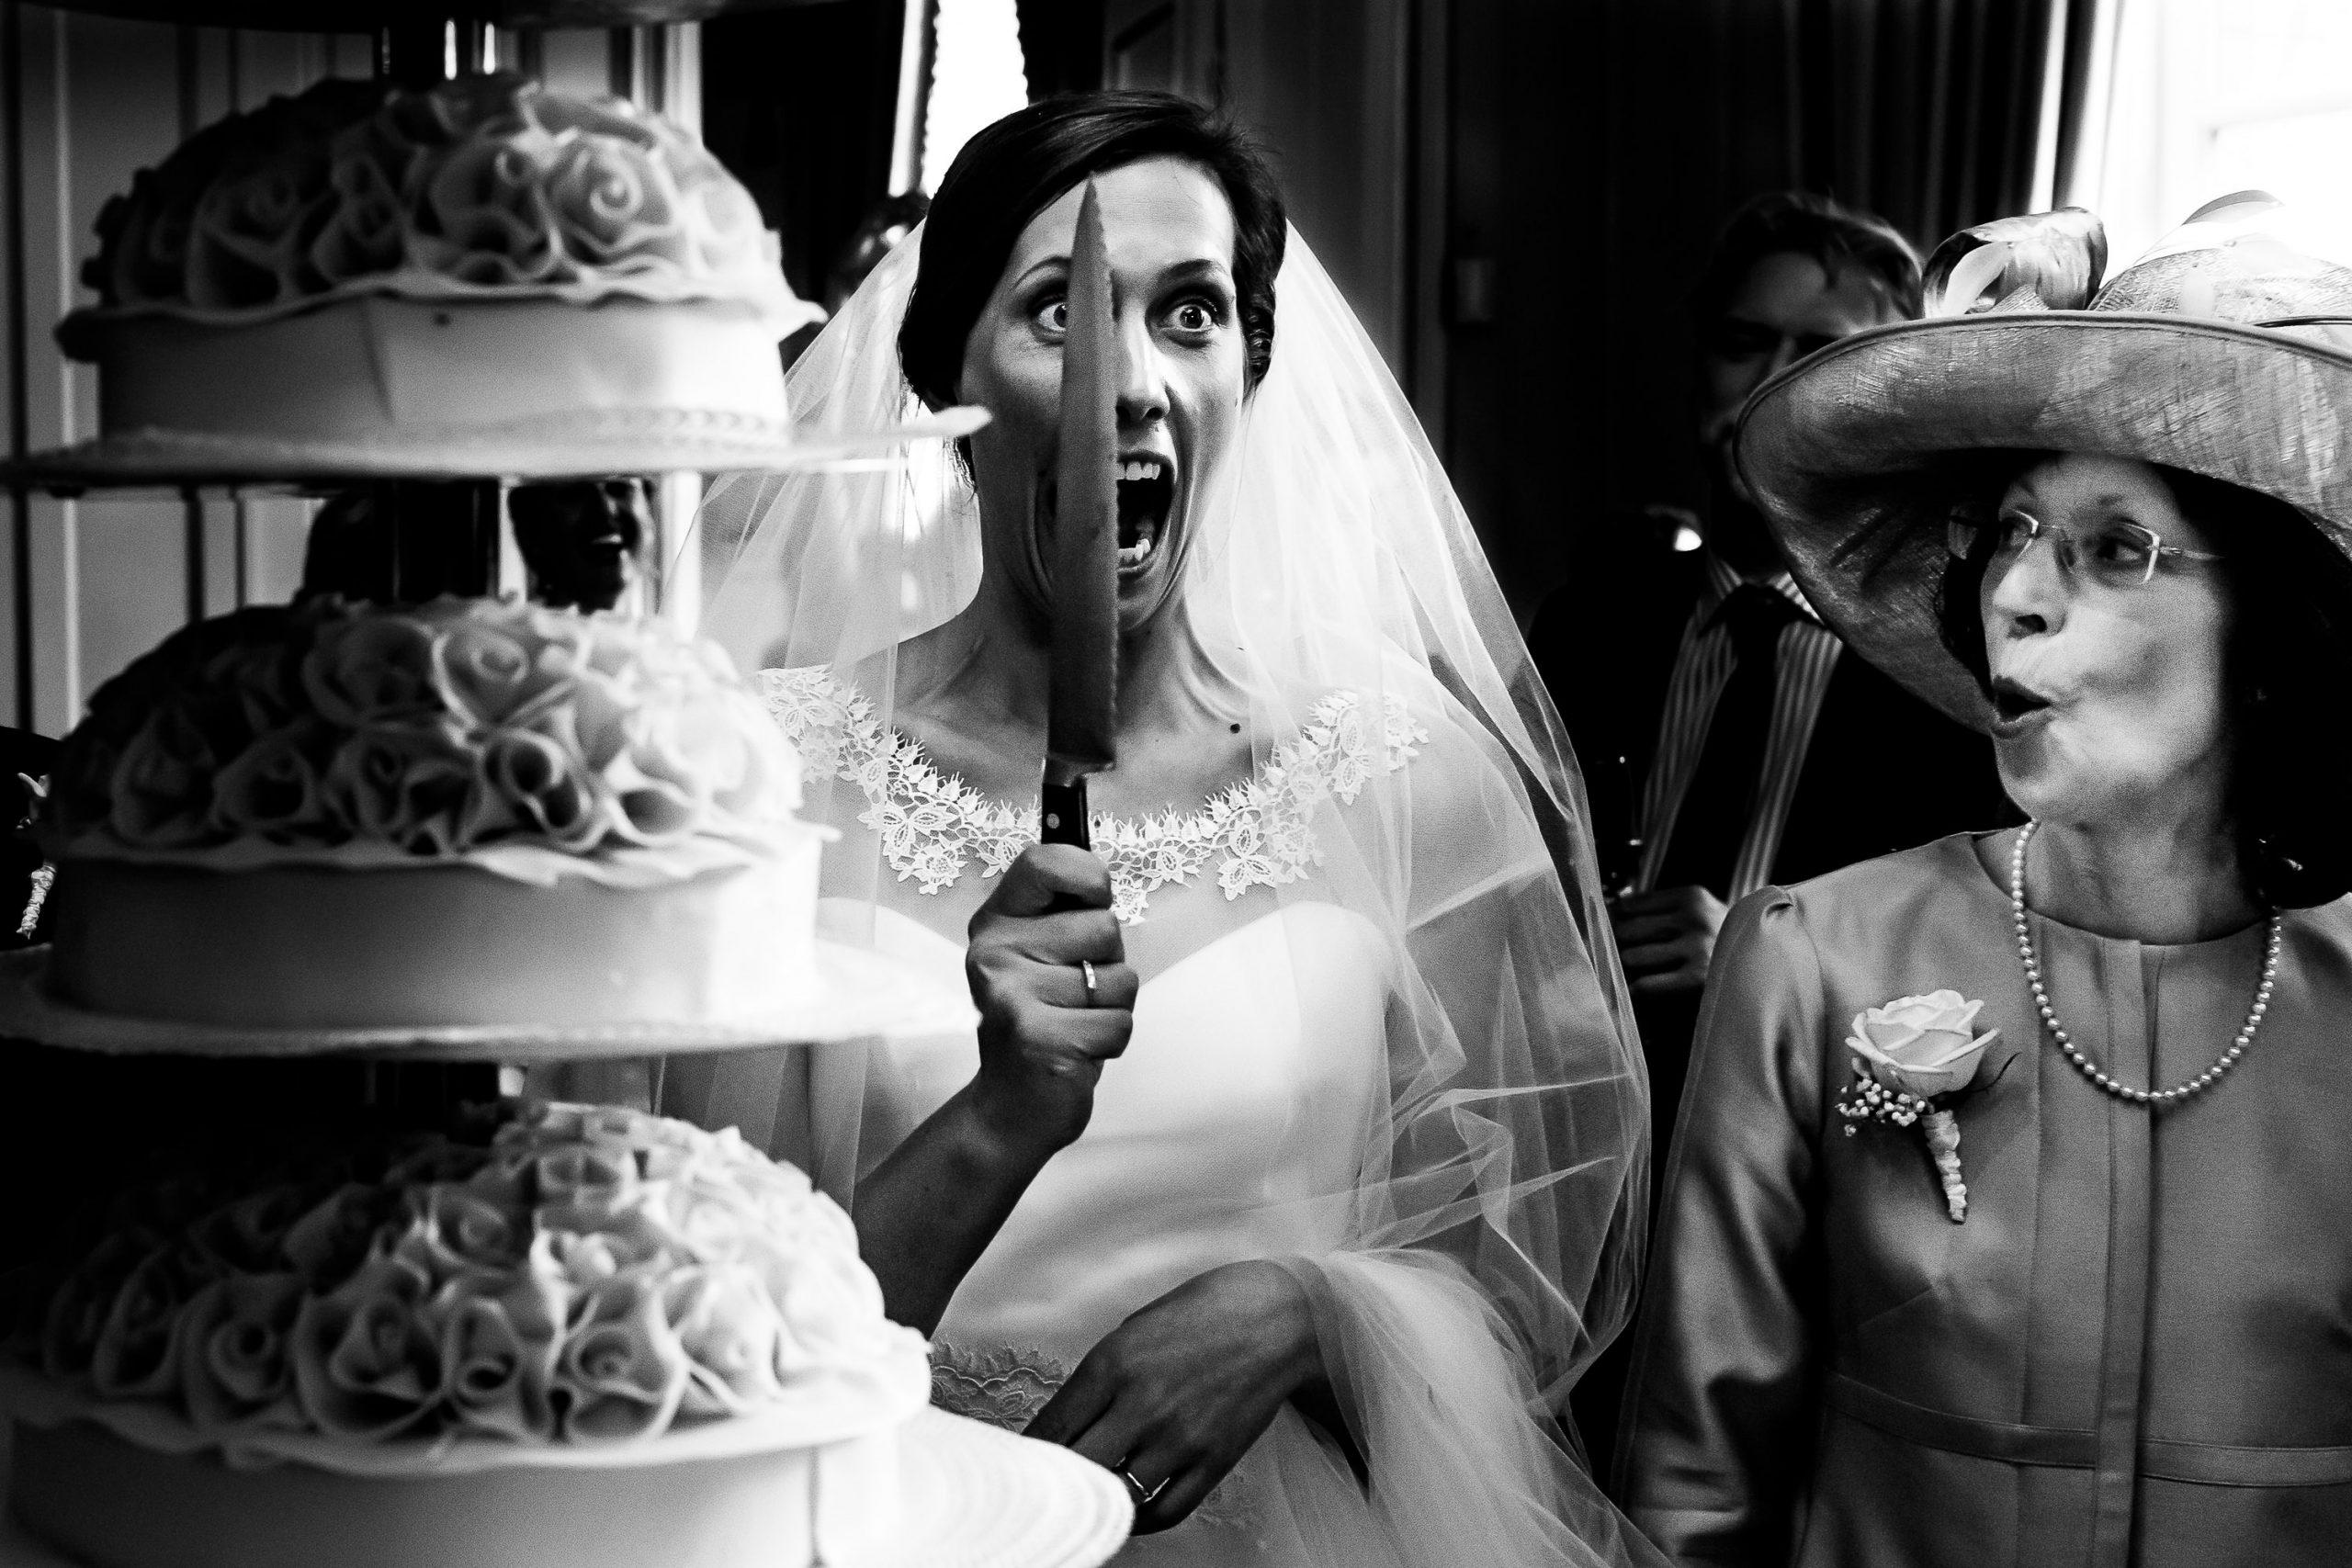 Zwart wit foto van een bruid die lachend met een mes voor haar gezicht staat terwijl haar moeder verbaasd lachend toekijkt